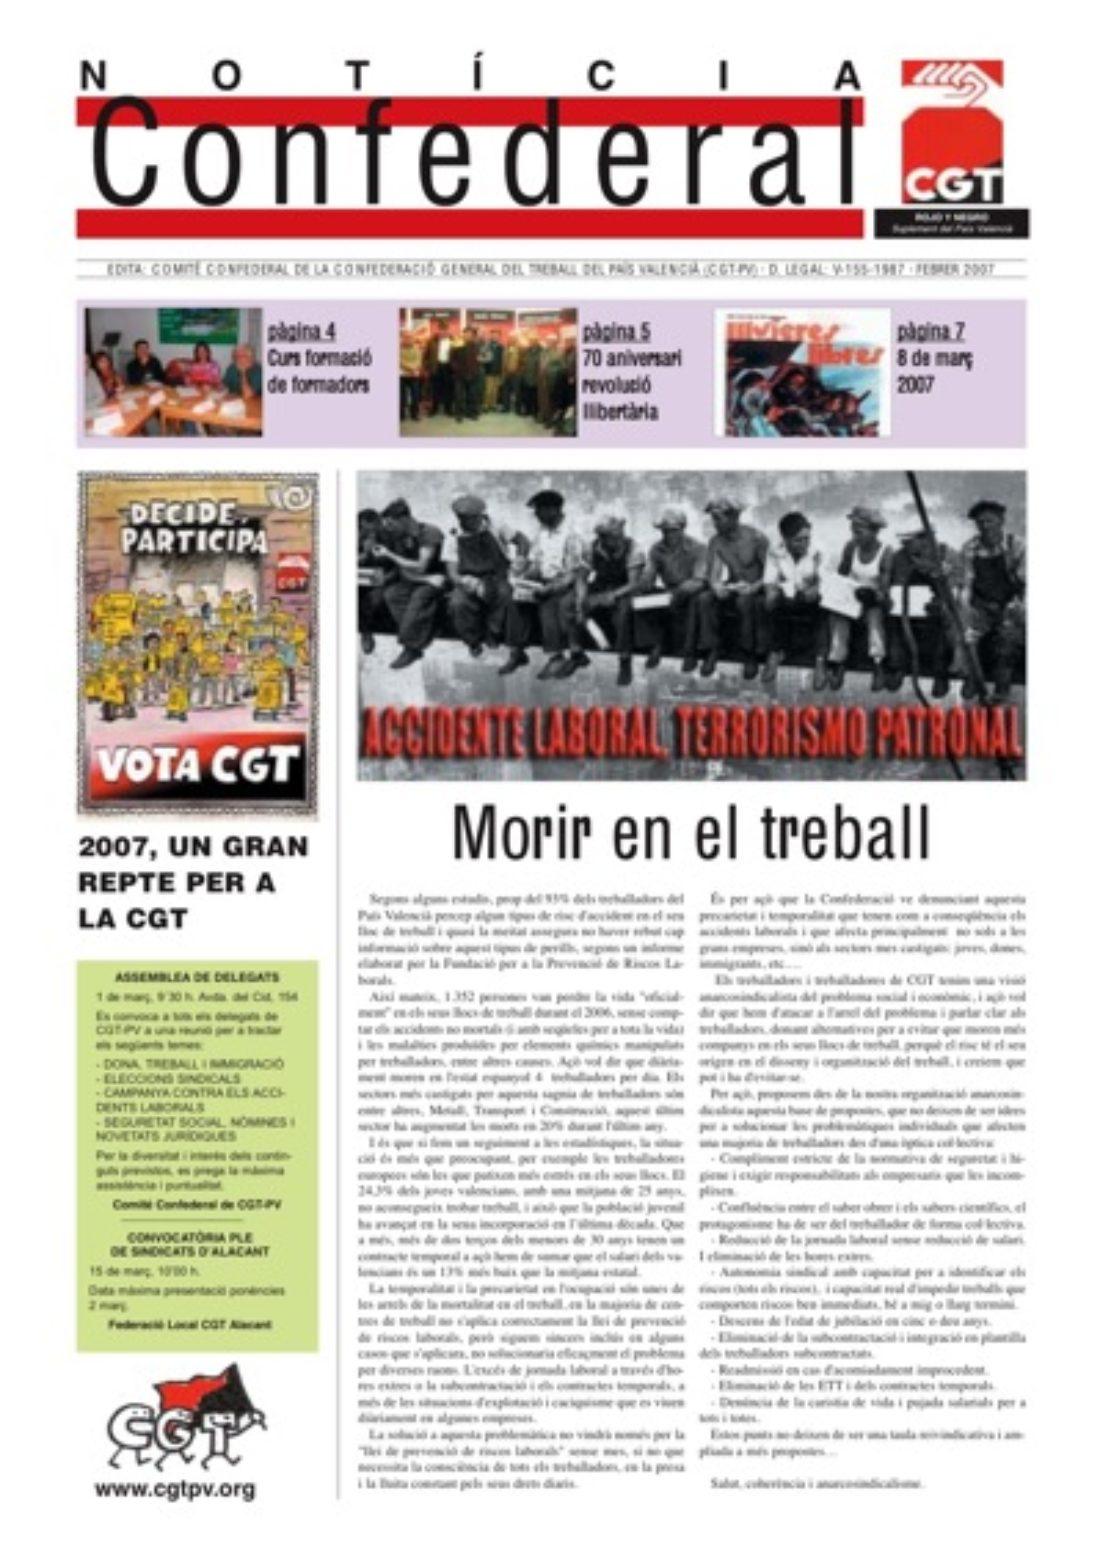 Noticia Confederal – febrero 2007